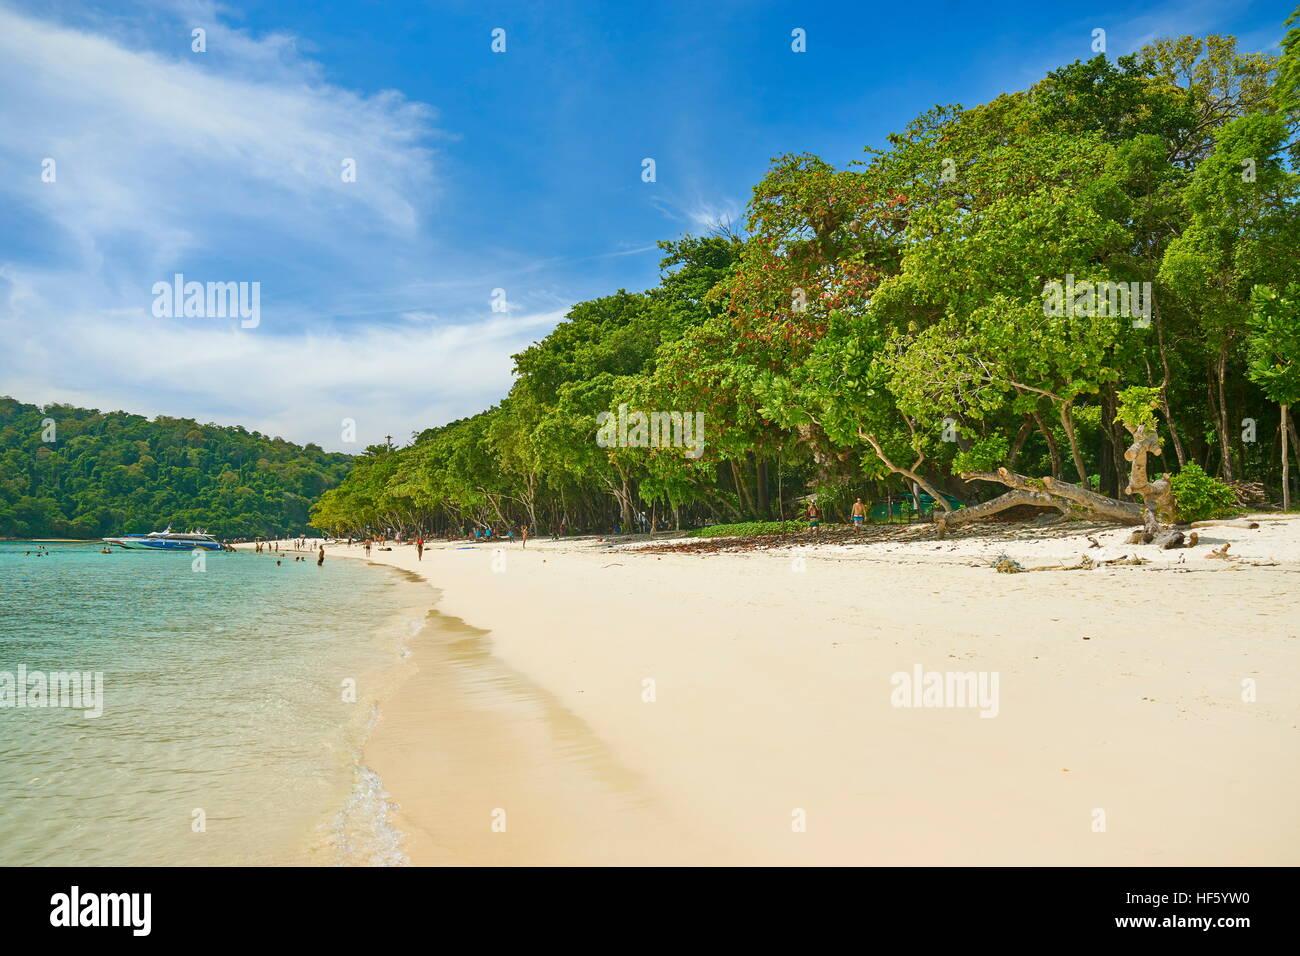 Strand von Koh Rok Insel, Provinz Krabi, Thailand Stockbild